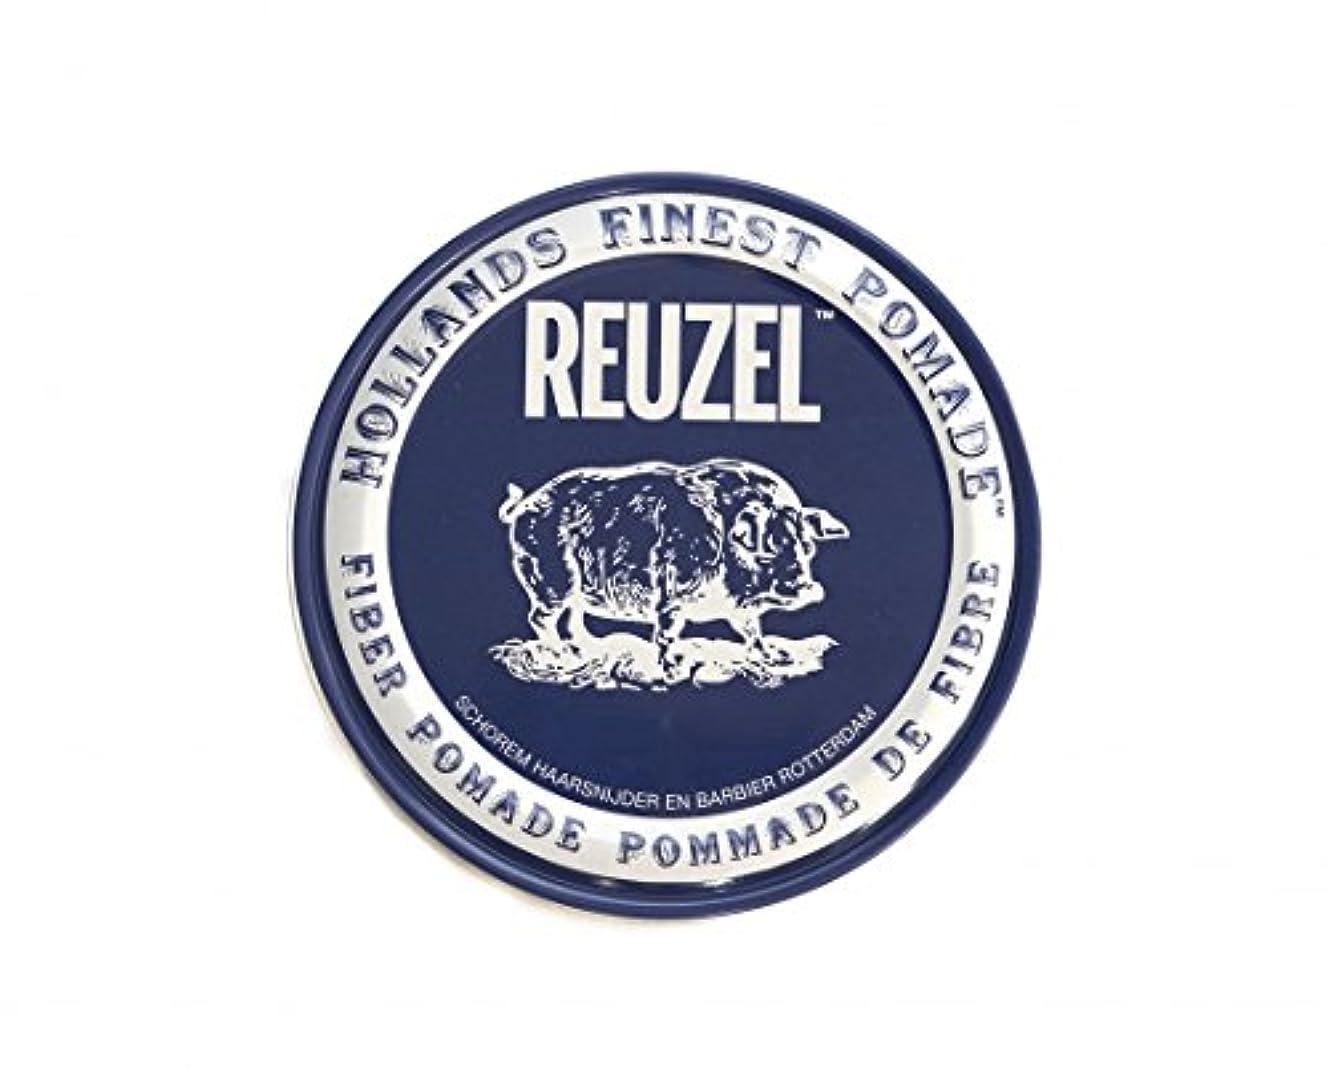 事業内容夏行進ルーゾー REUZEL ファイバーポマード ネイビー 113g